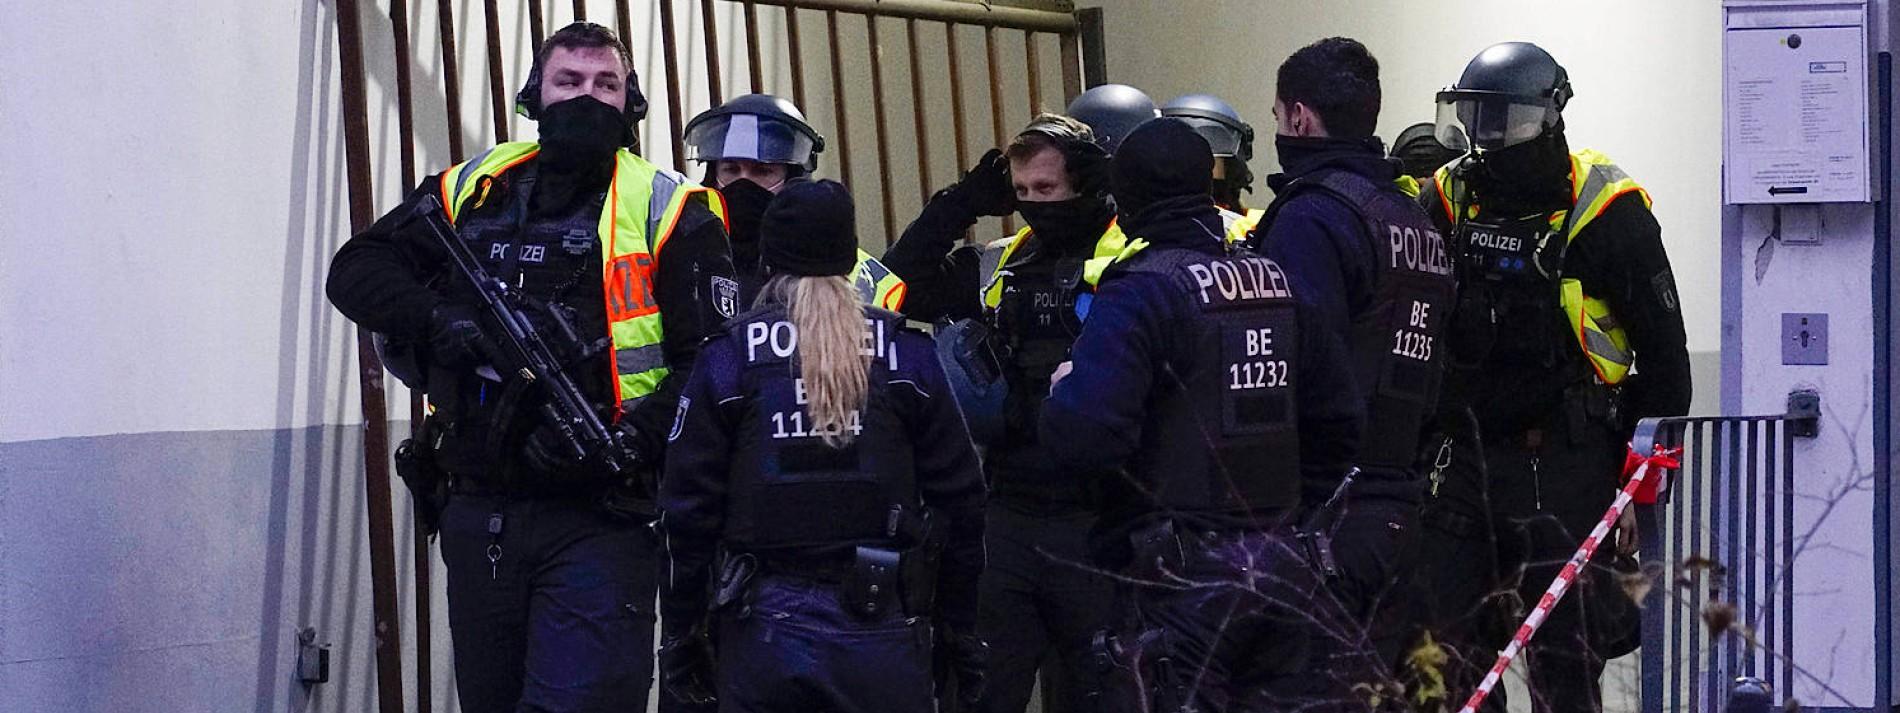 Droht Berlin ein Bandenkrieg?